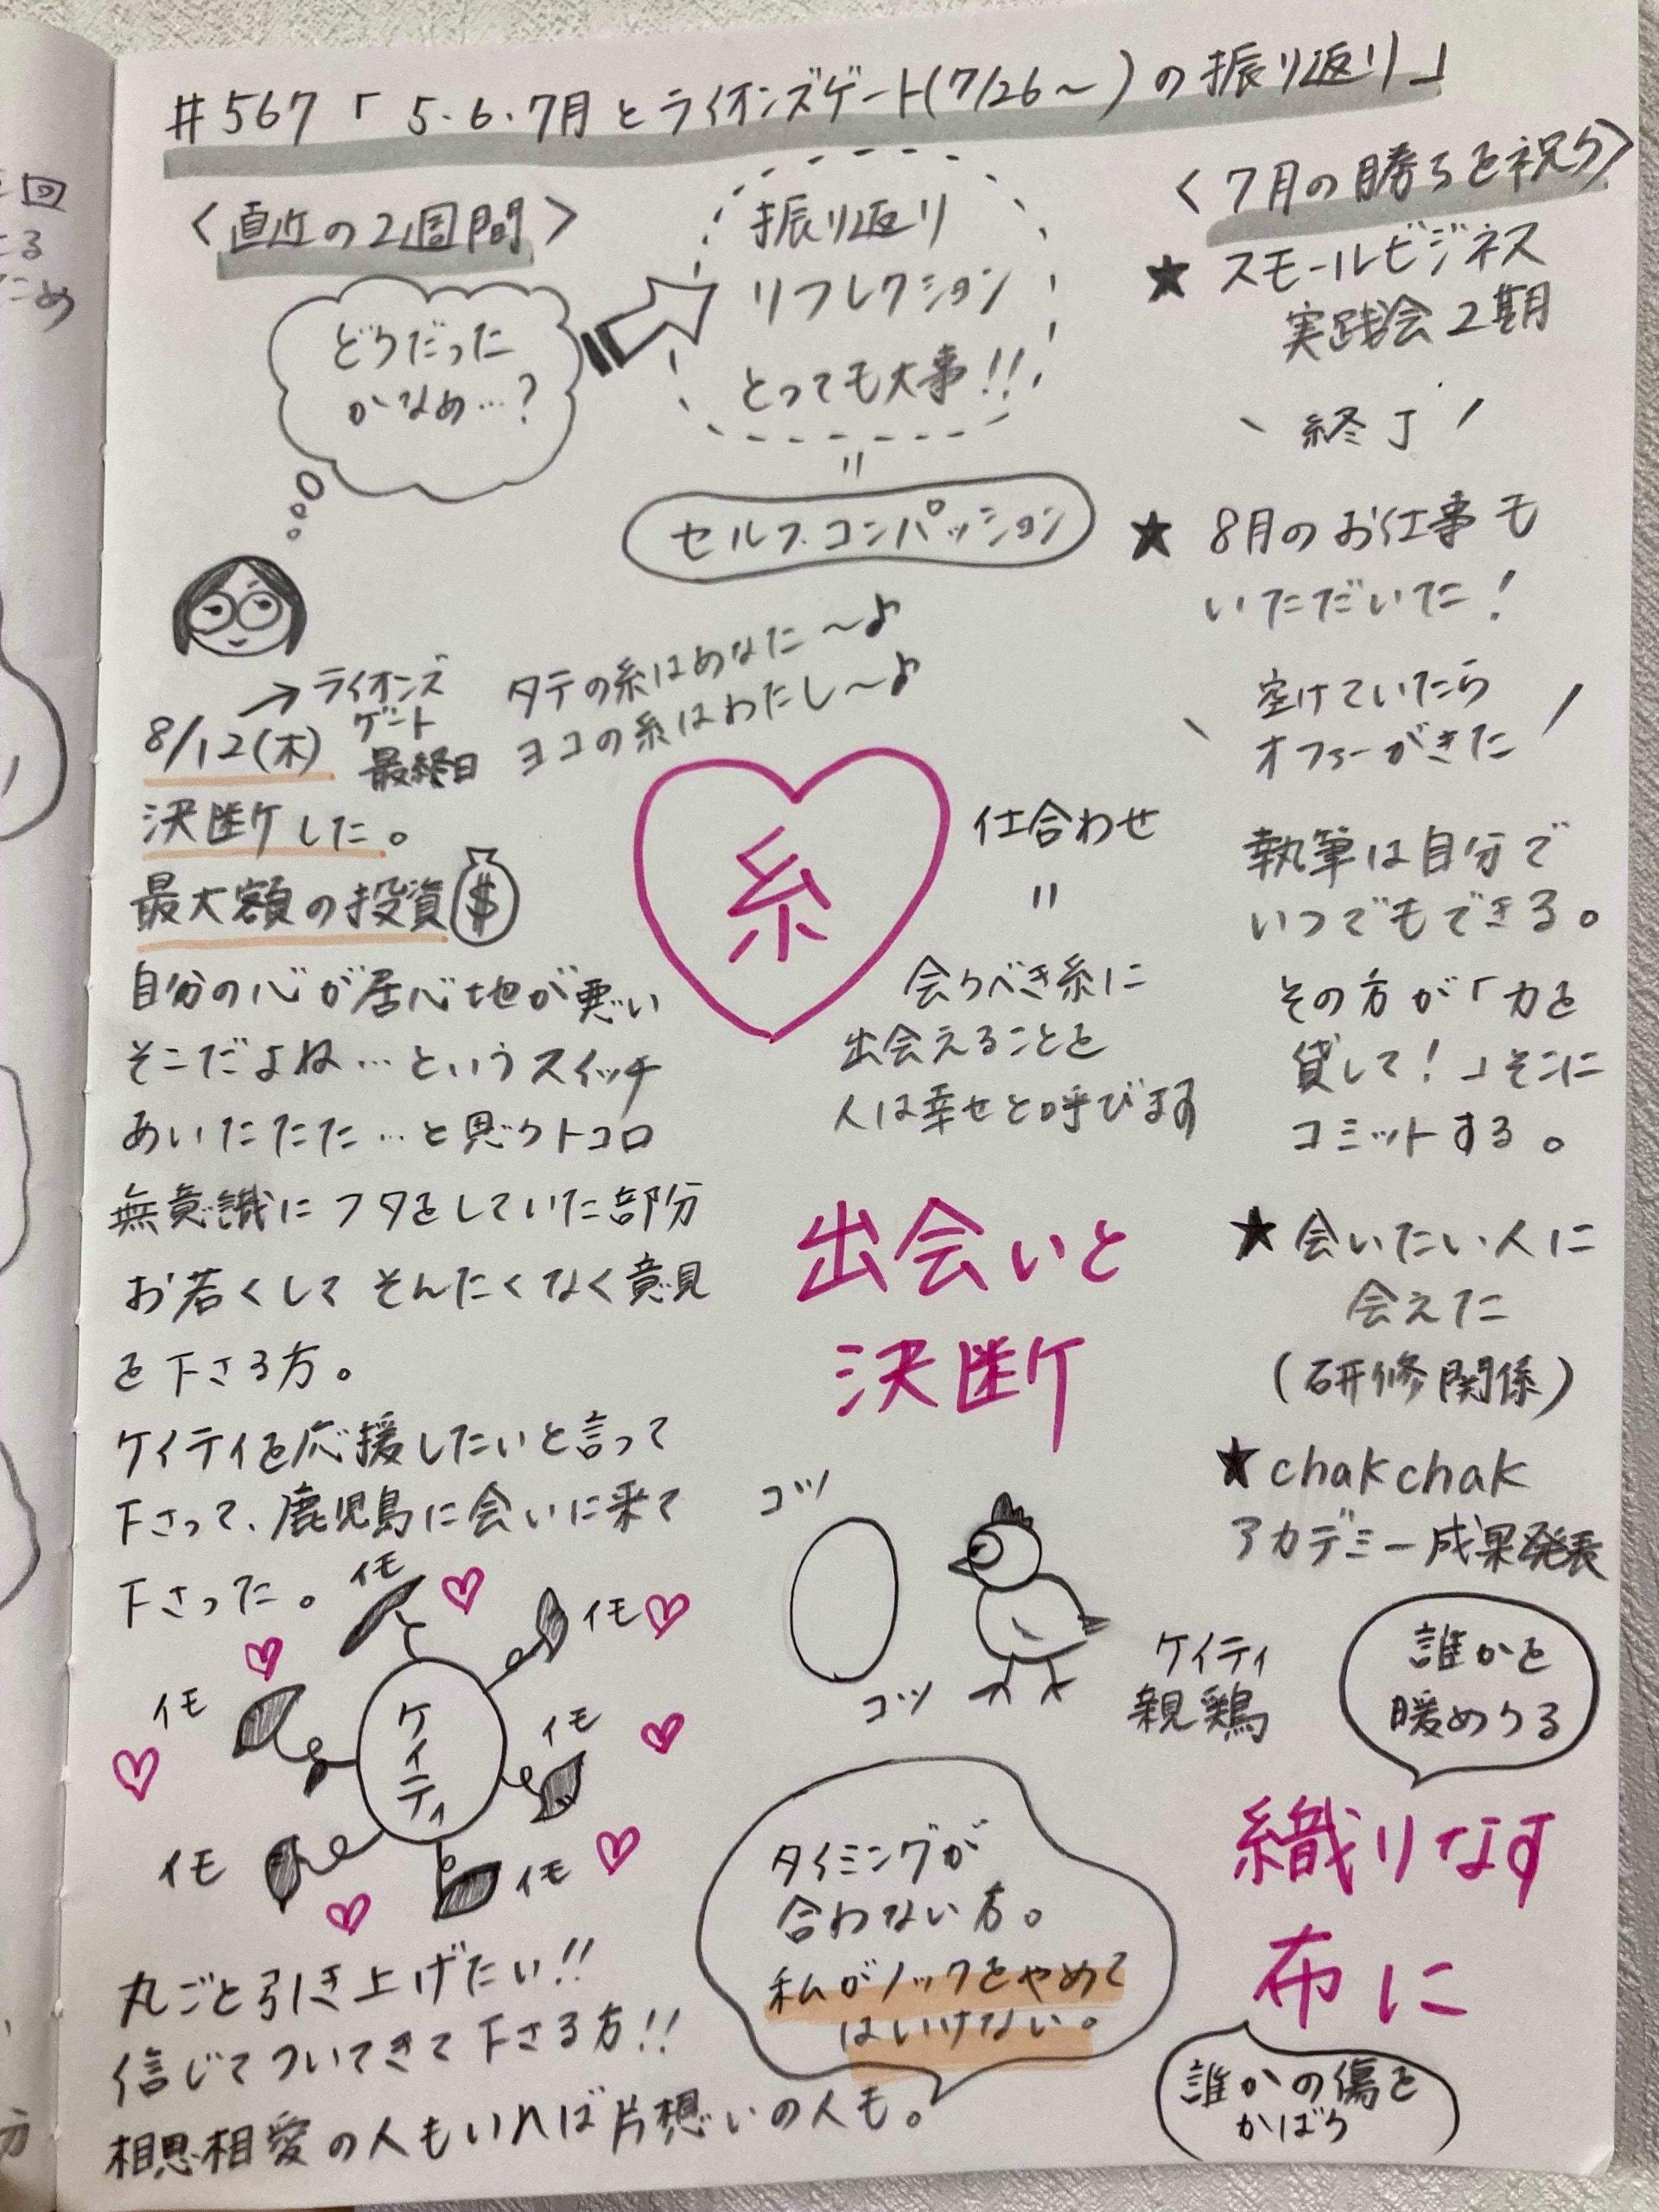 オンライン朝活 #567